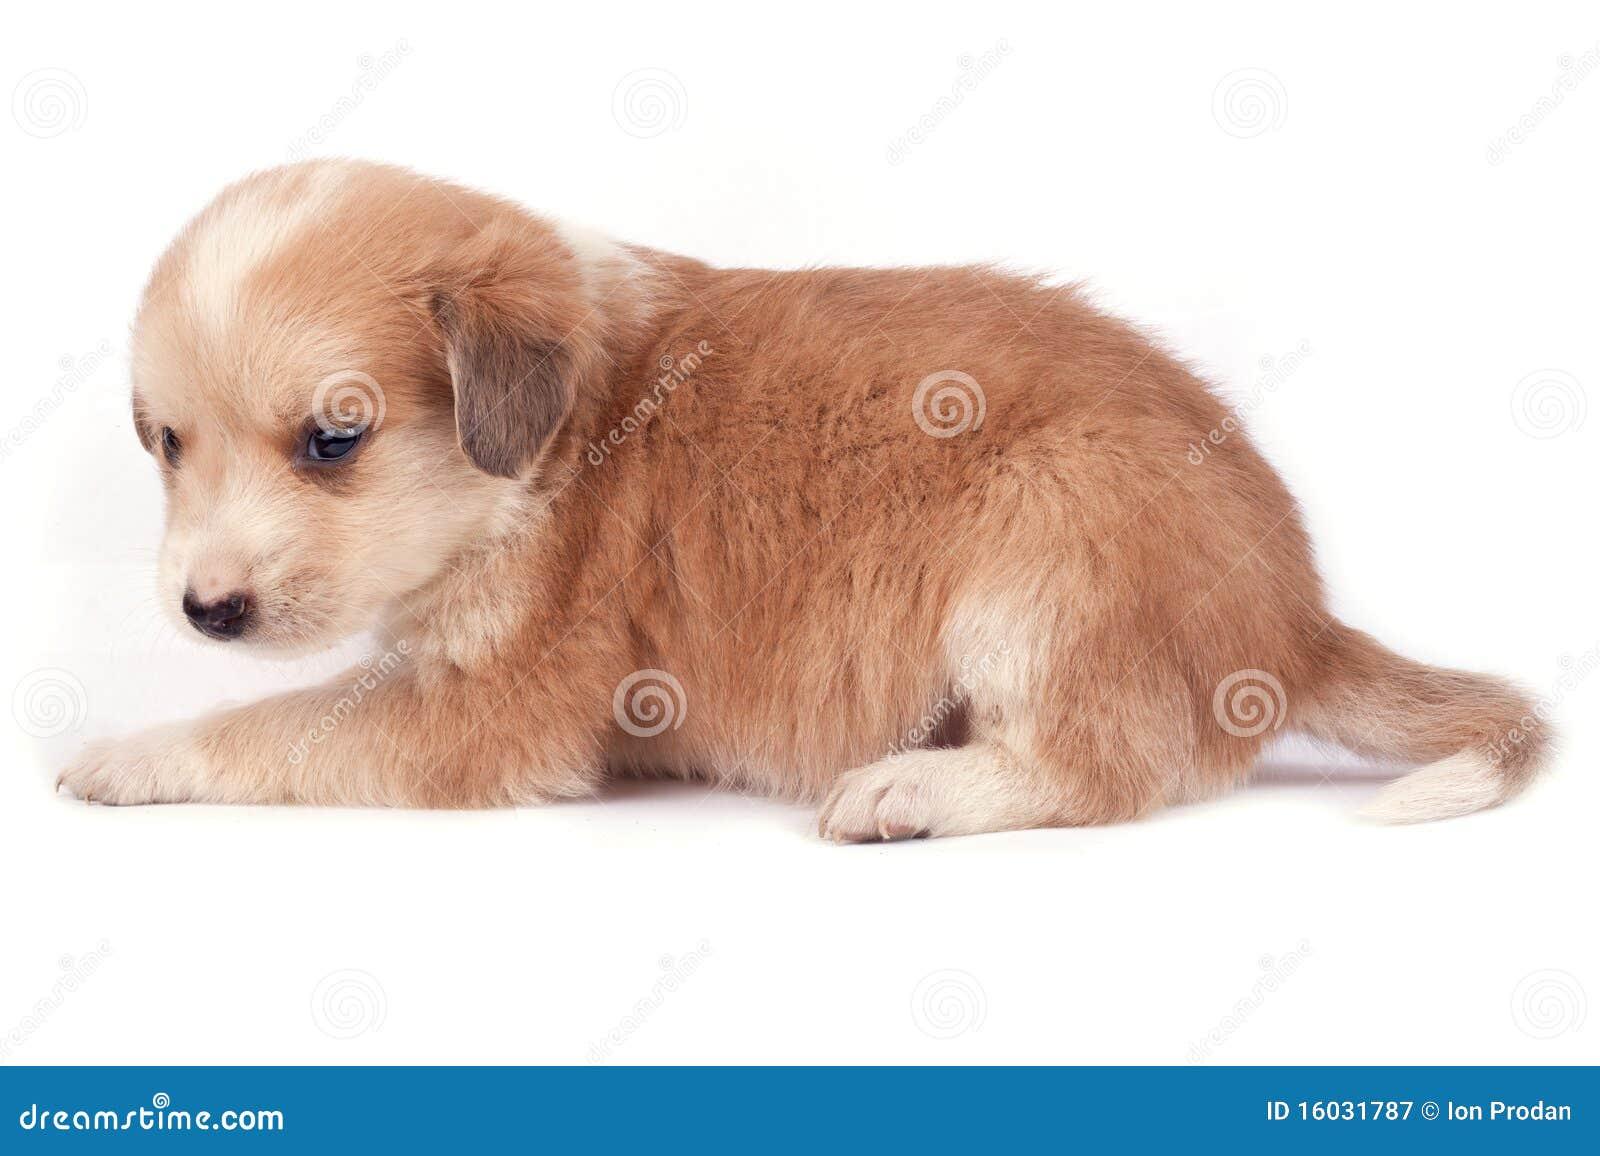 kleiner hund lizenzfreie stockfotografie bild 16031787. Black Bedroom Furniture Sets. Home Design Ideas